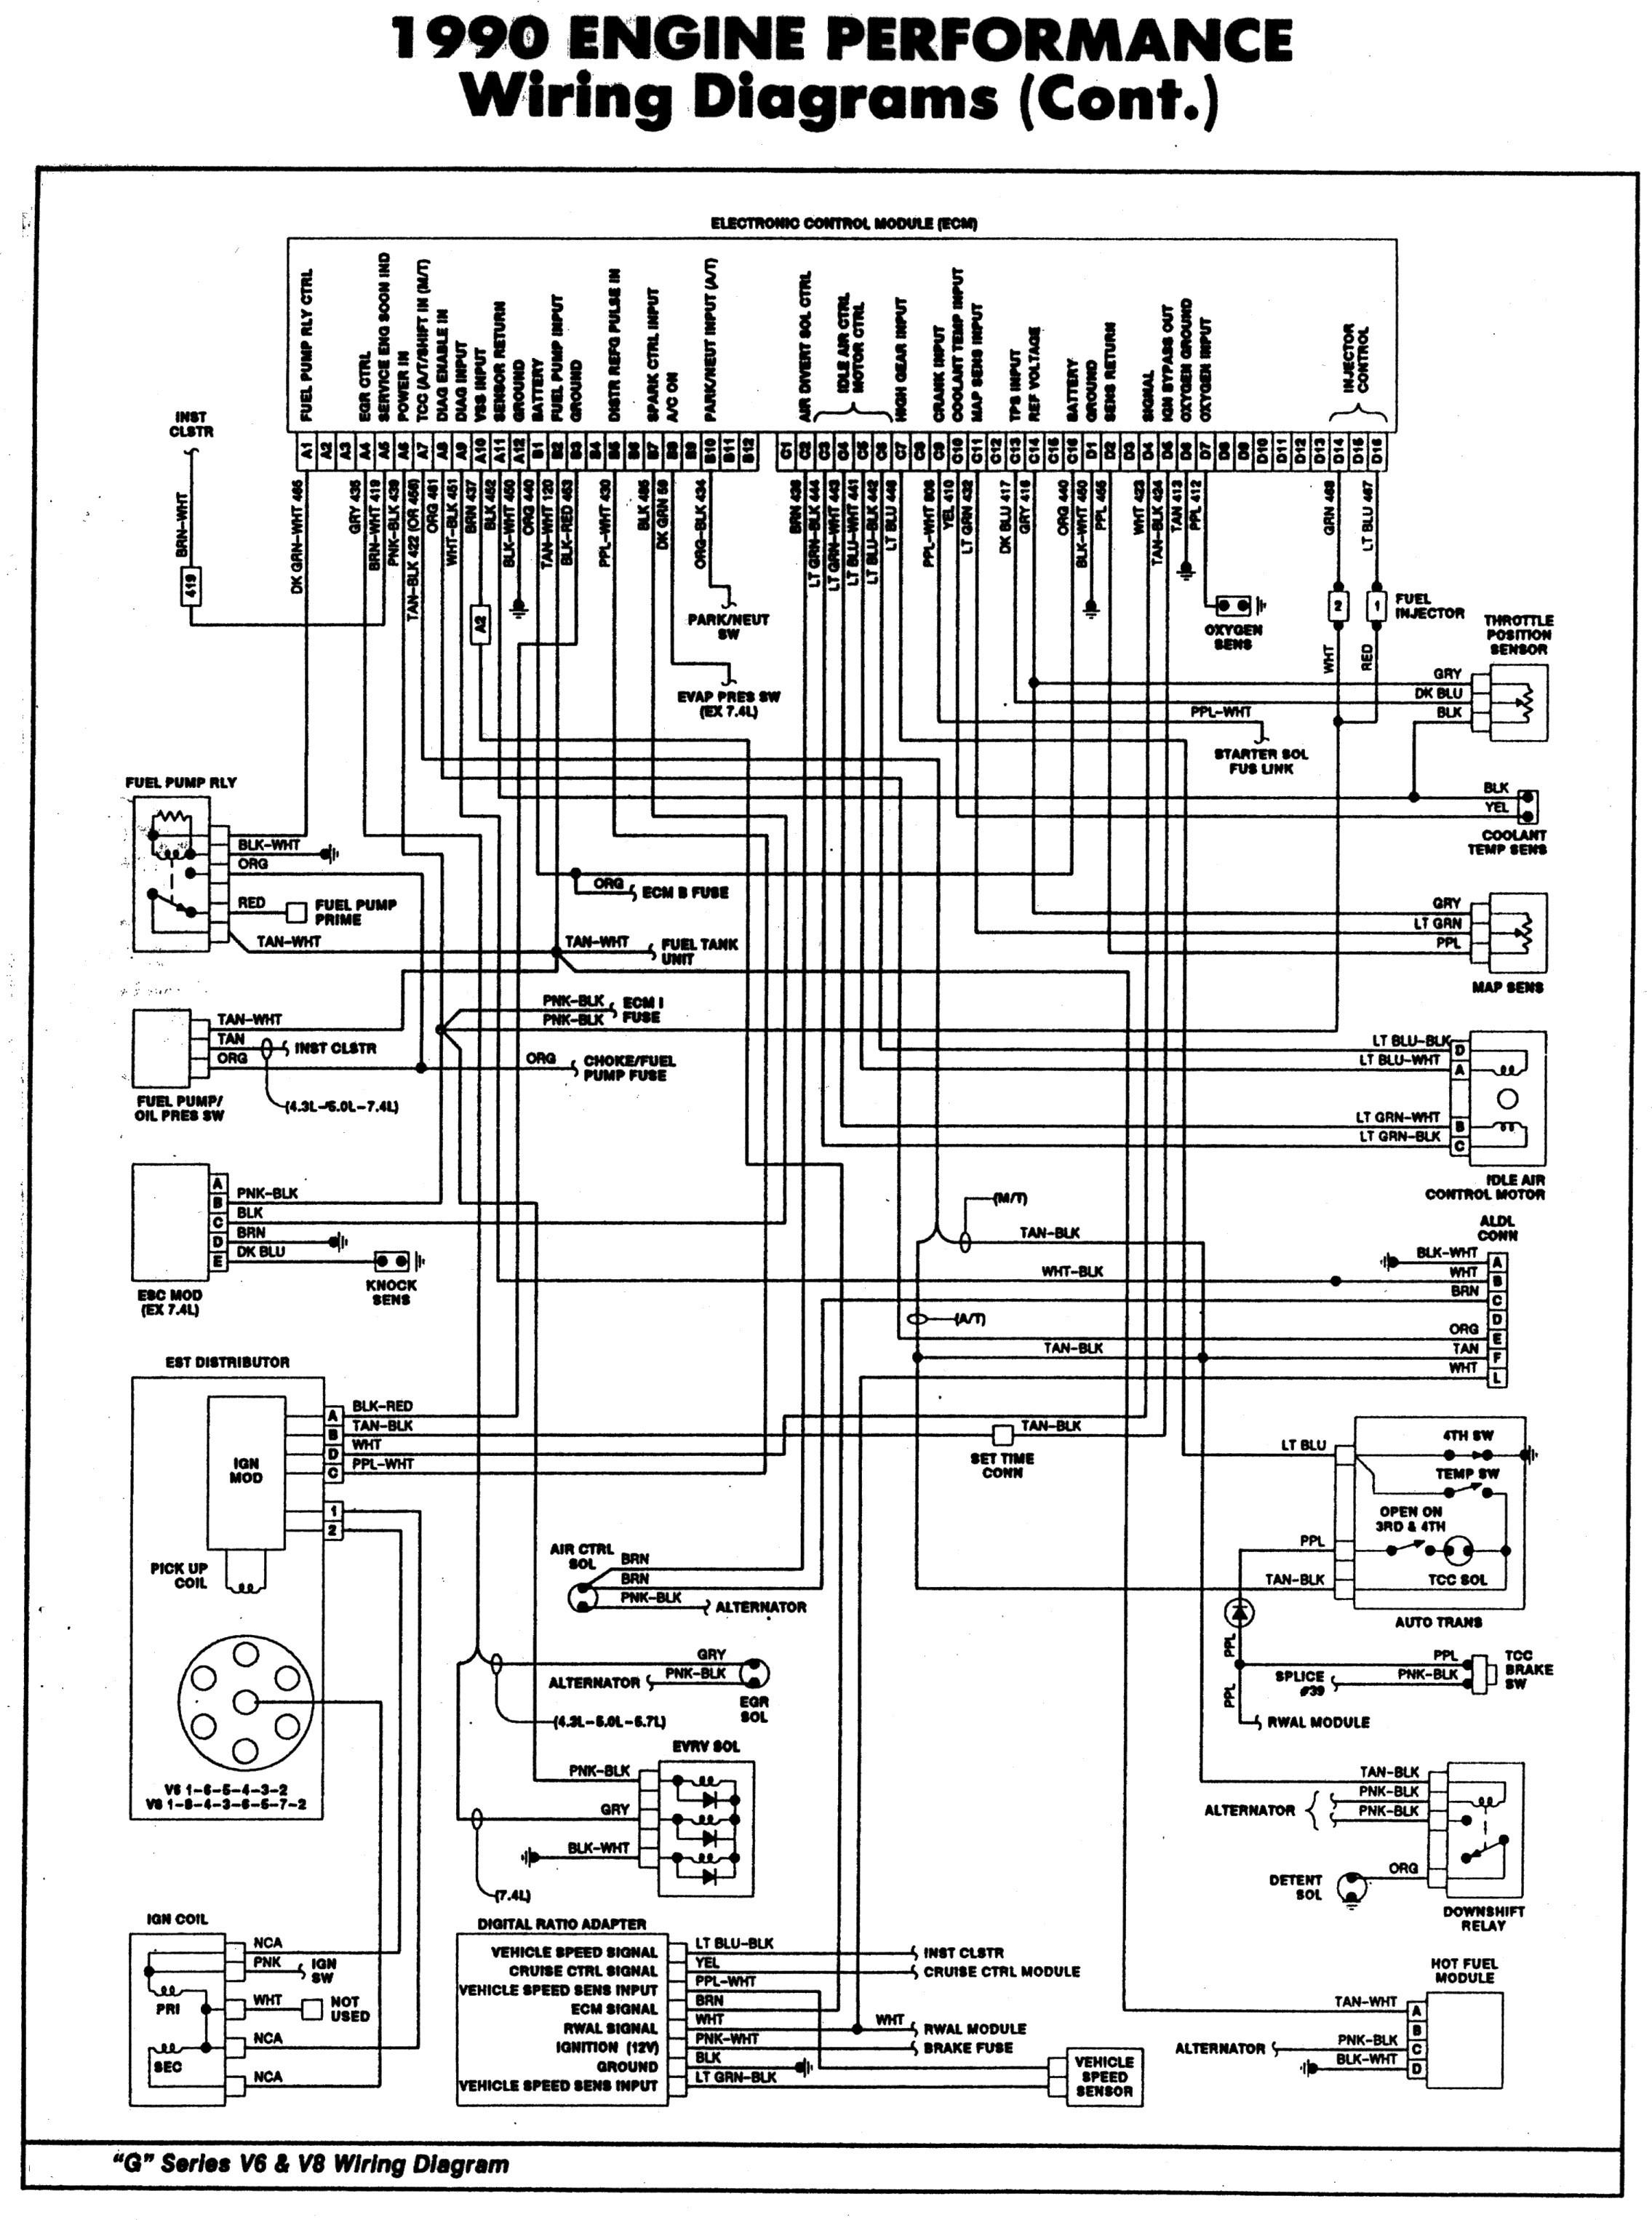 Wiring Diagram 98 Club Car Gas New Free Dodge Ram Wiring Diagrams